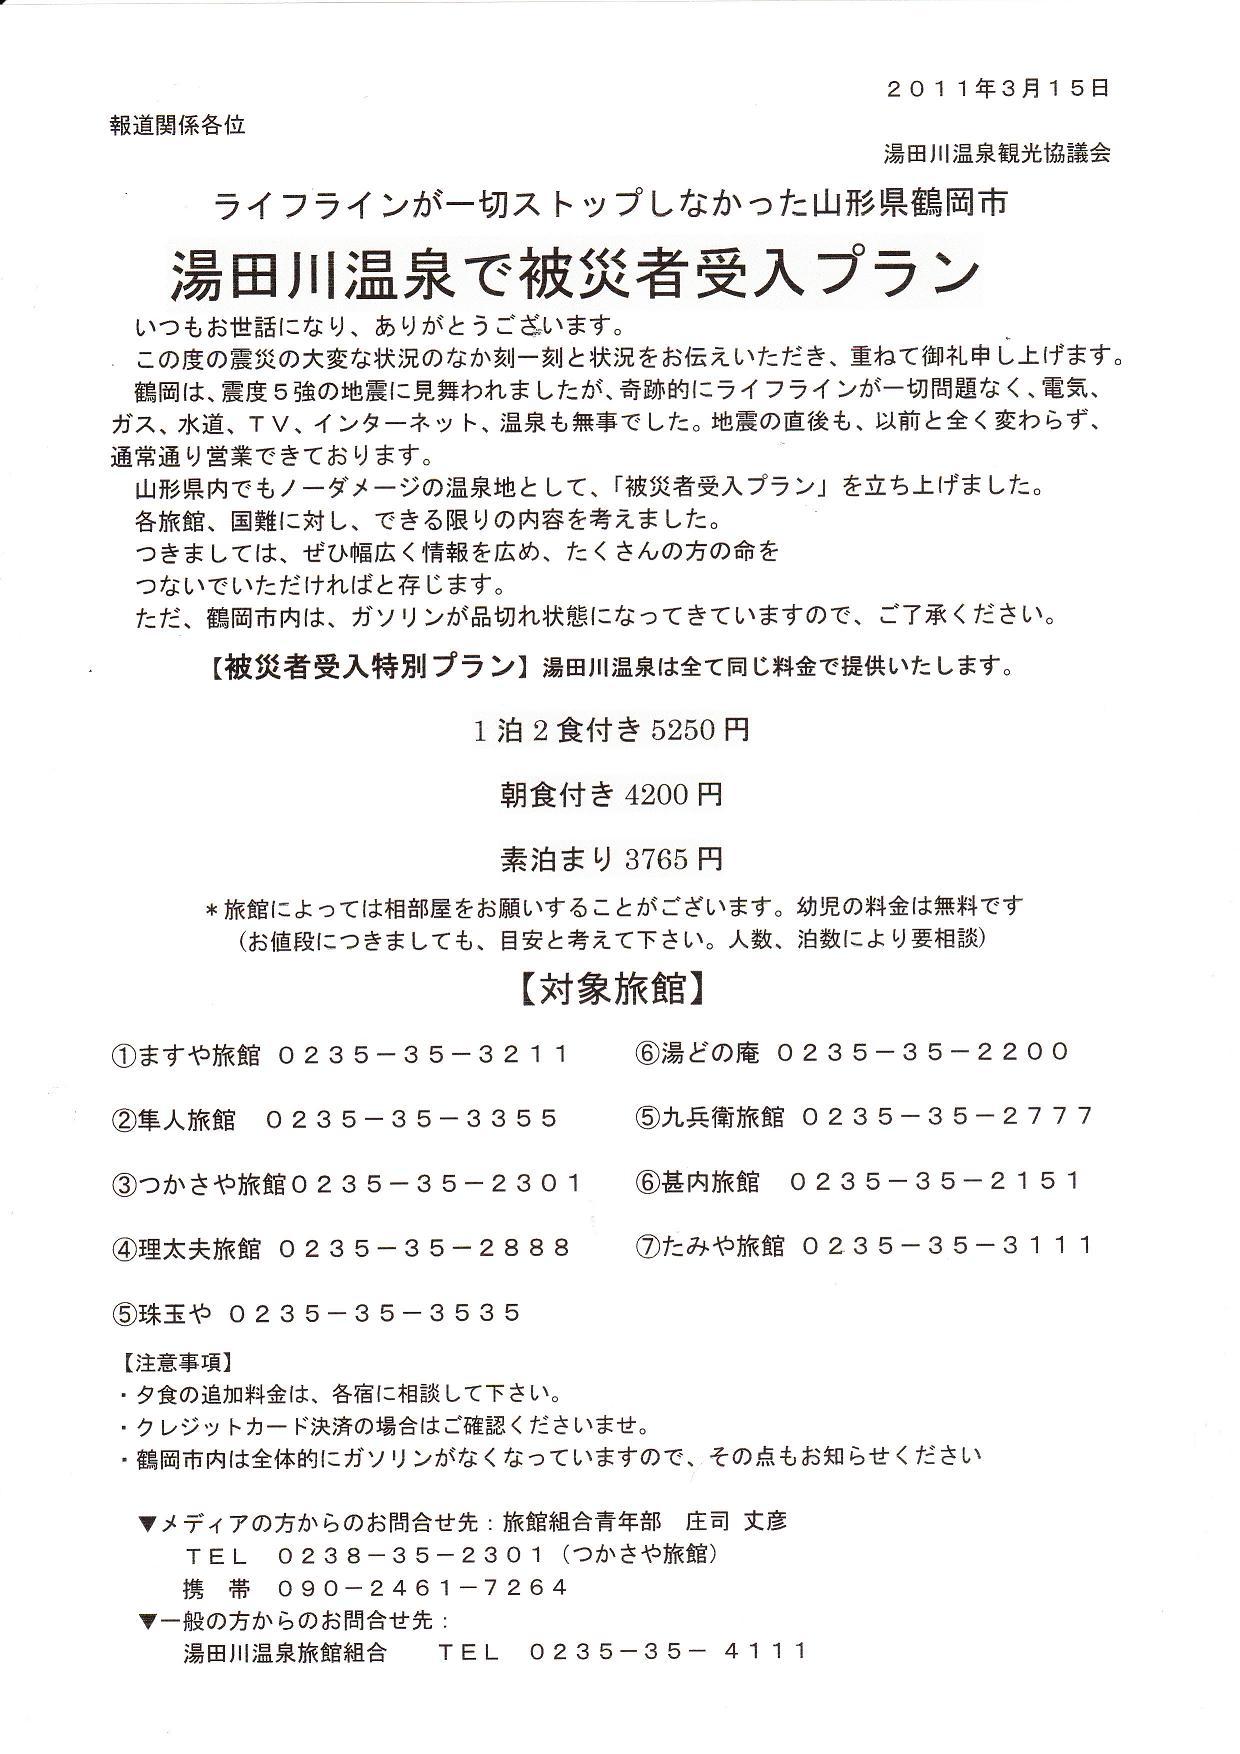 コピー ~ 災害プラン